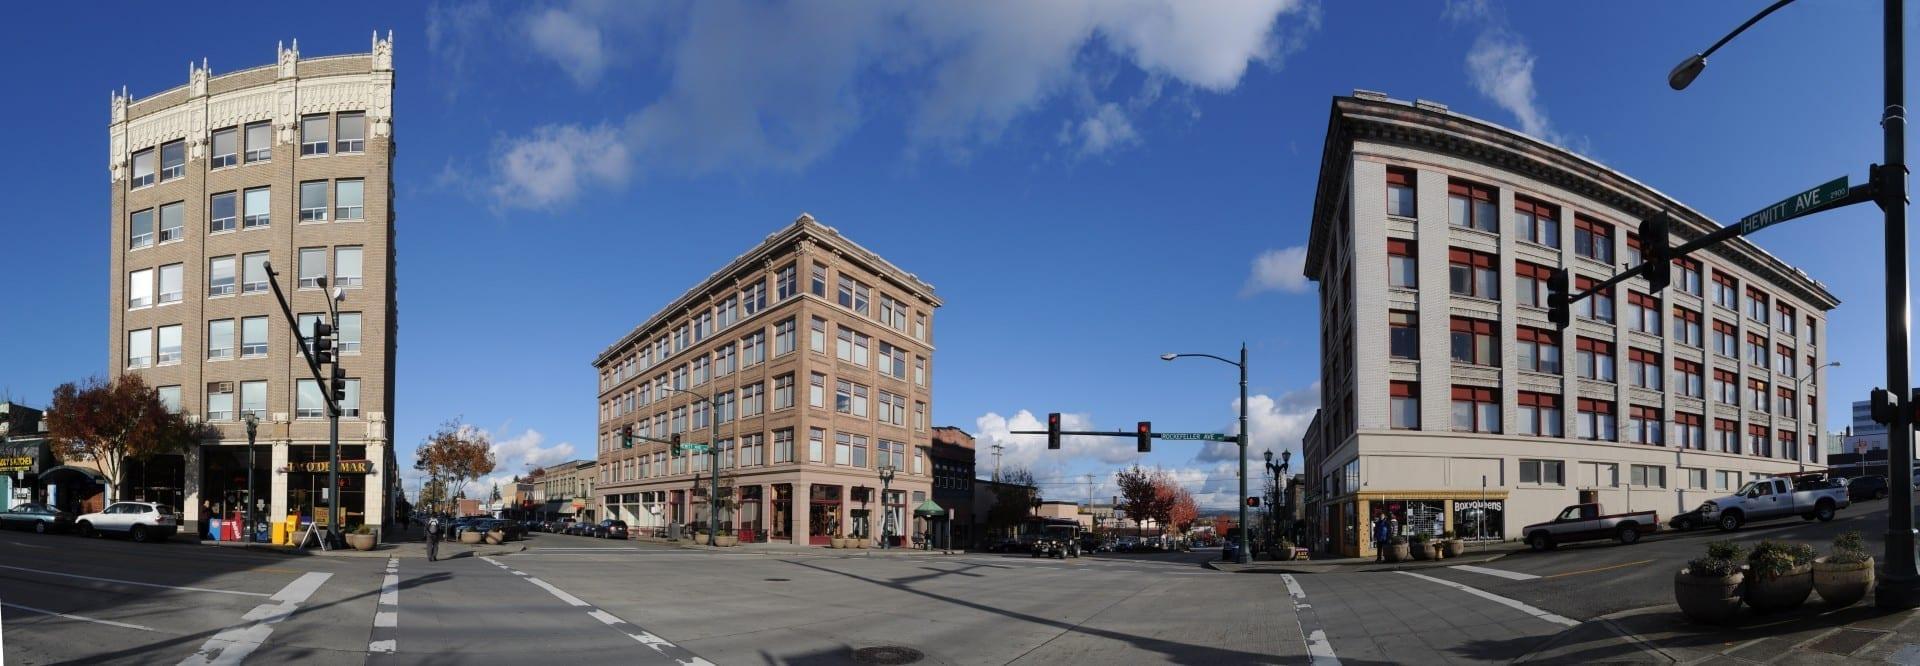 Distrito Histórico de la Avenida Hewitt Everett WA Estados Unidos